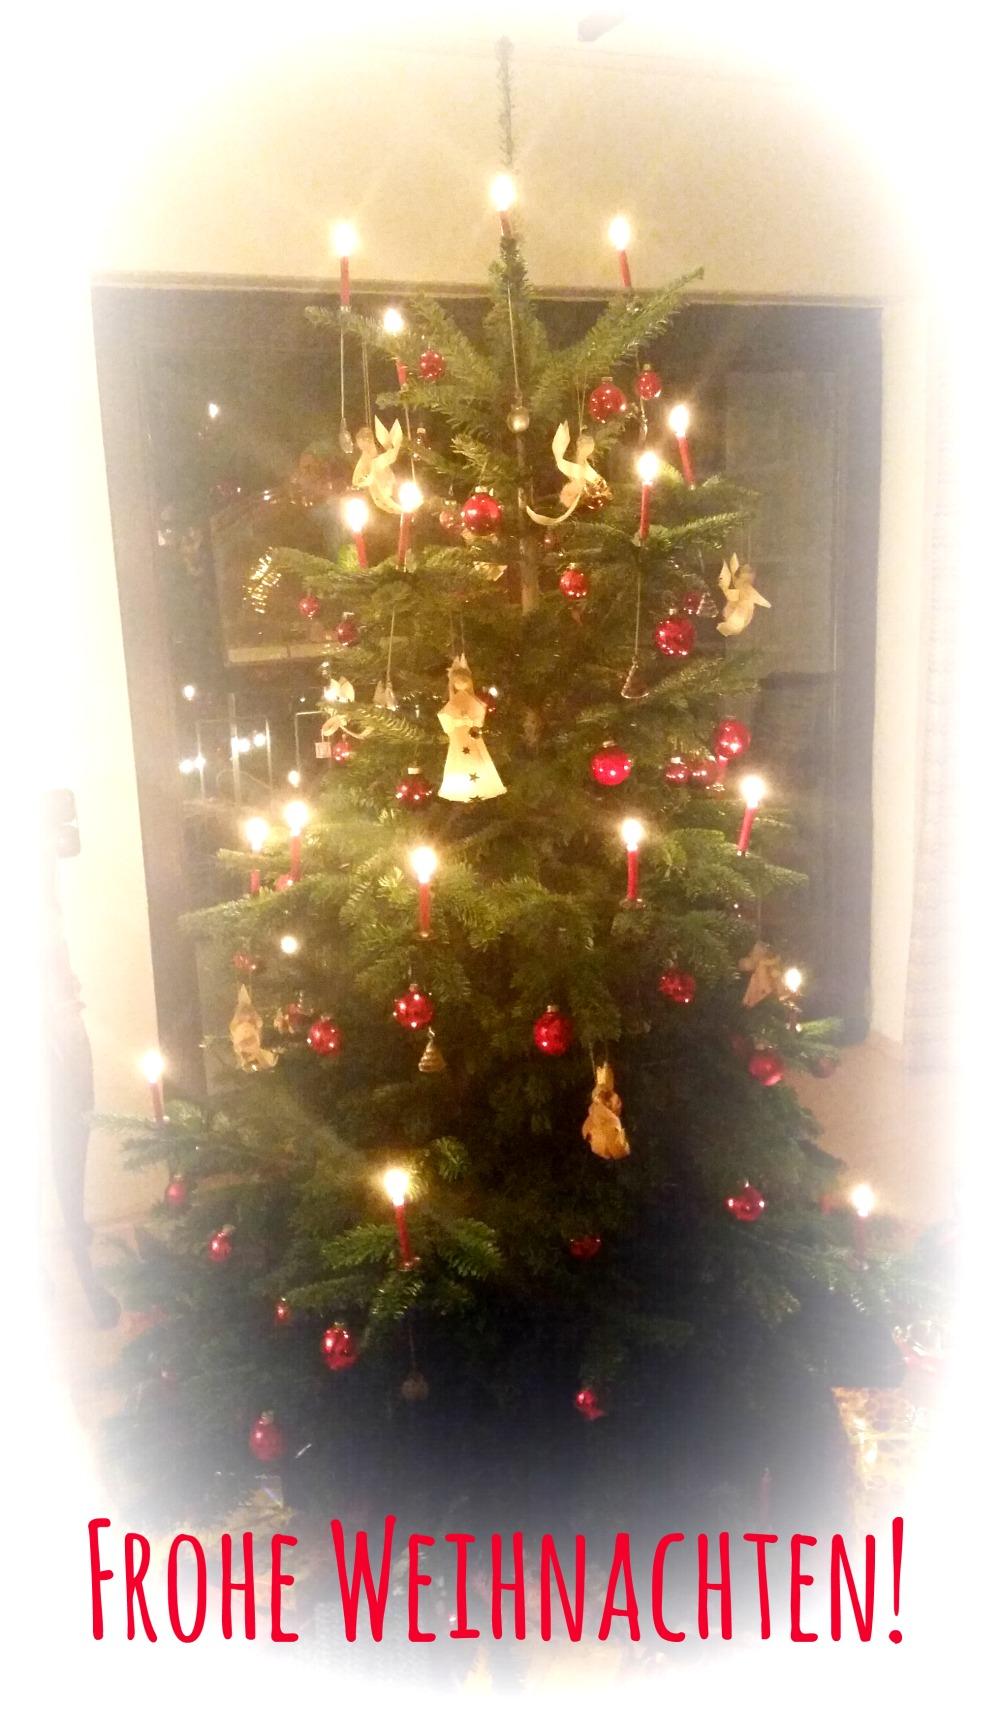 Weihnachtsbaum 2014 (c) J.Ringe